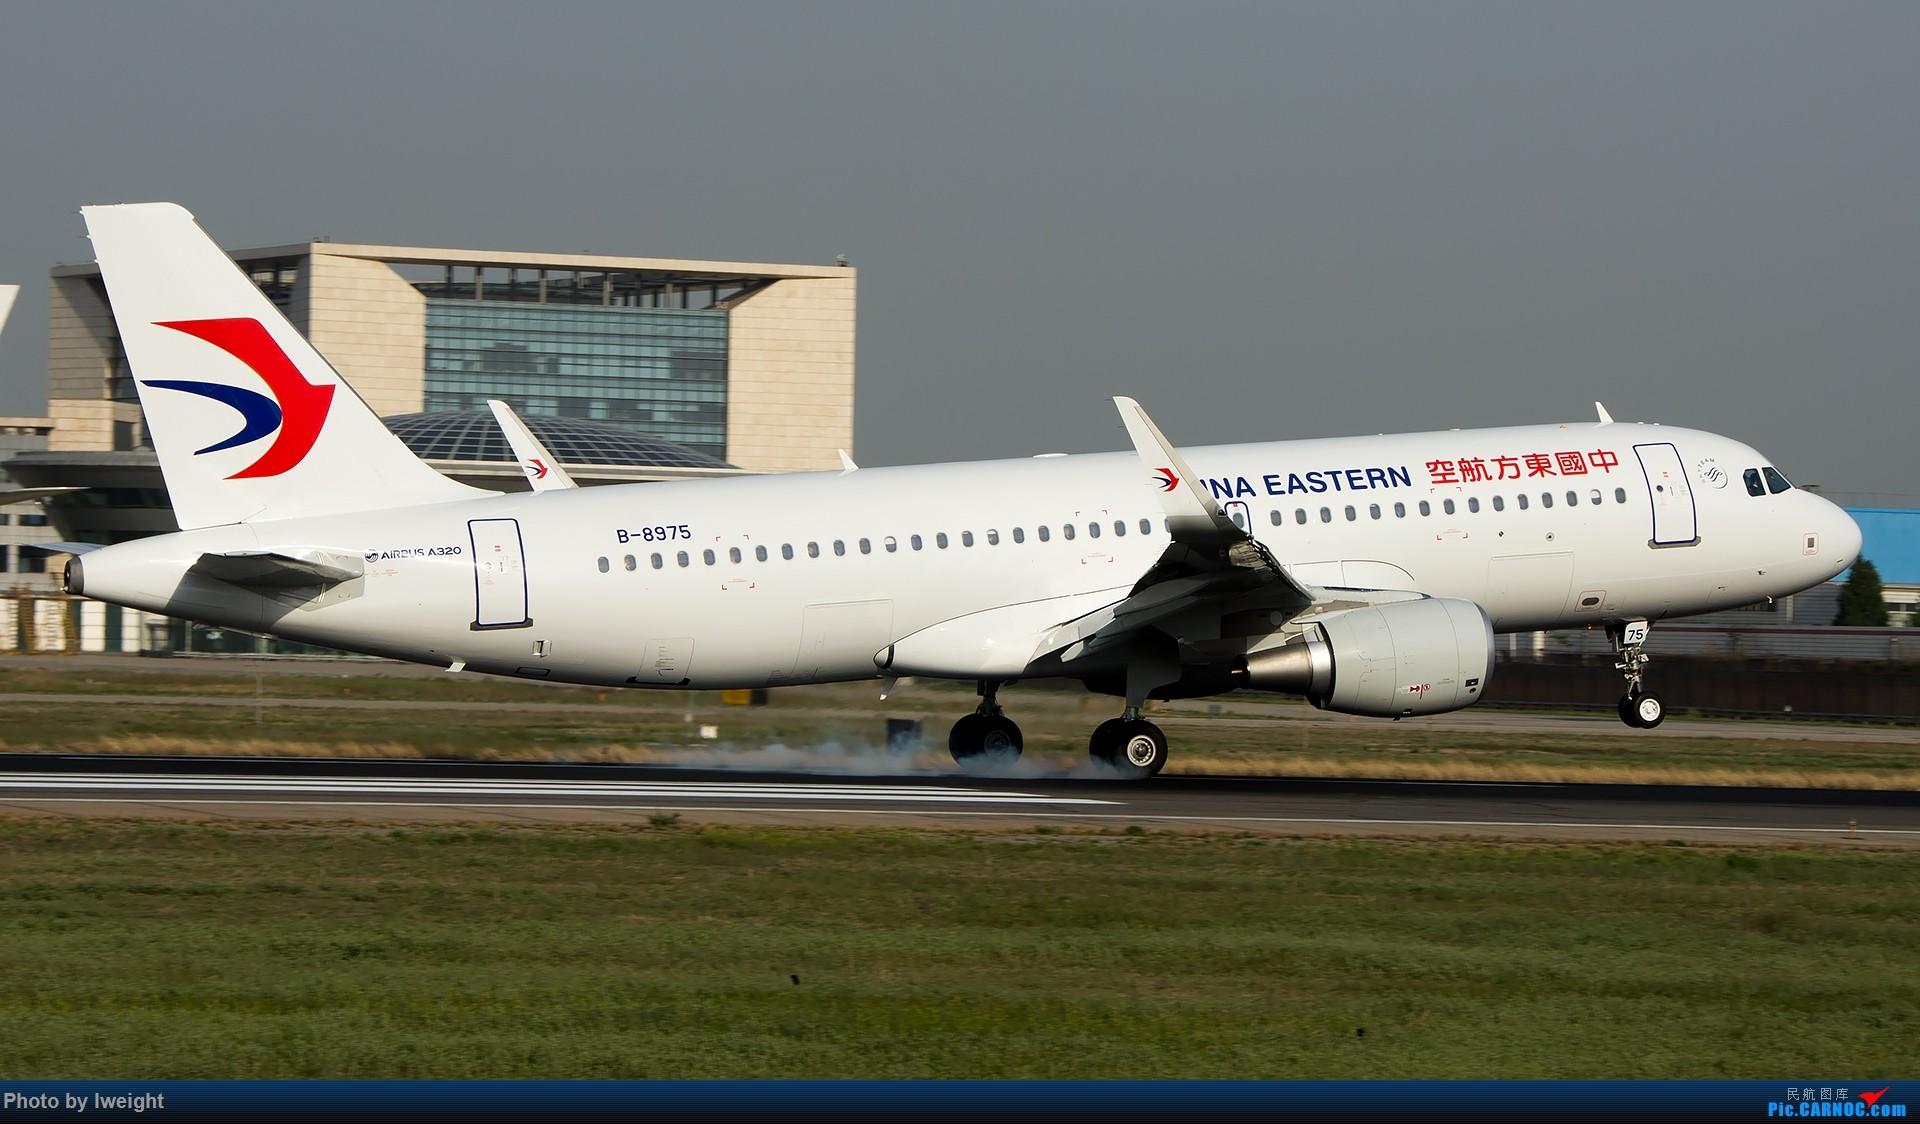 Re:[原创]天气晴朗,继续守候18R【多图】 AIRBUS A320-200 B-8975 中国北京首都国际机场